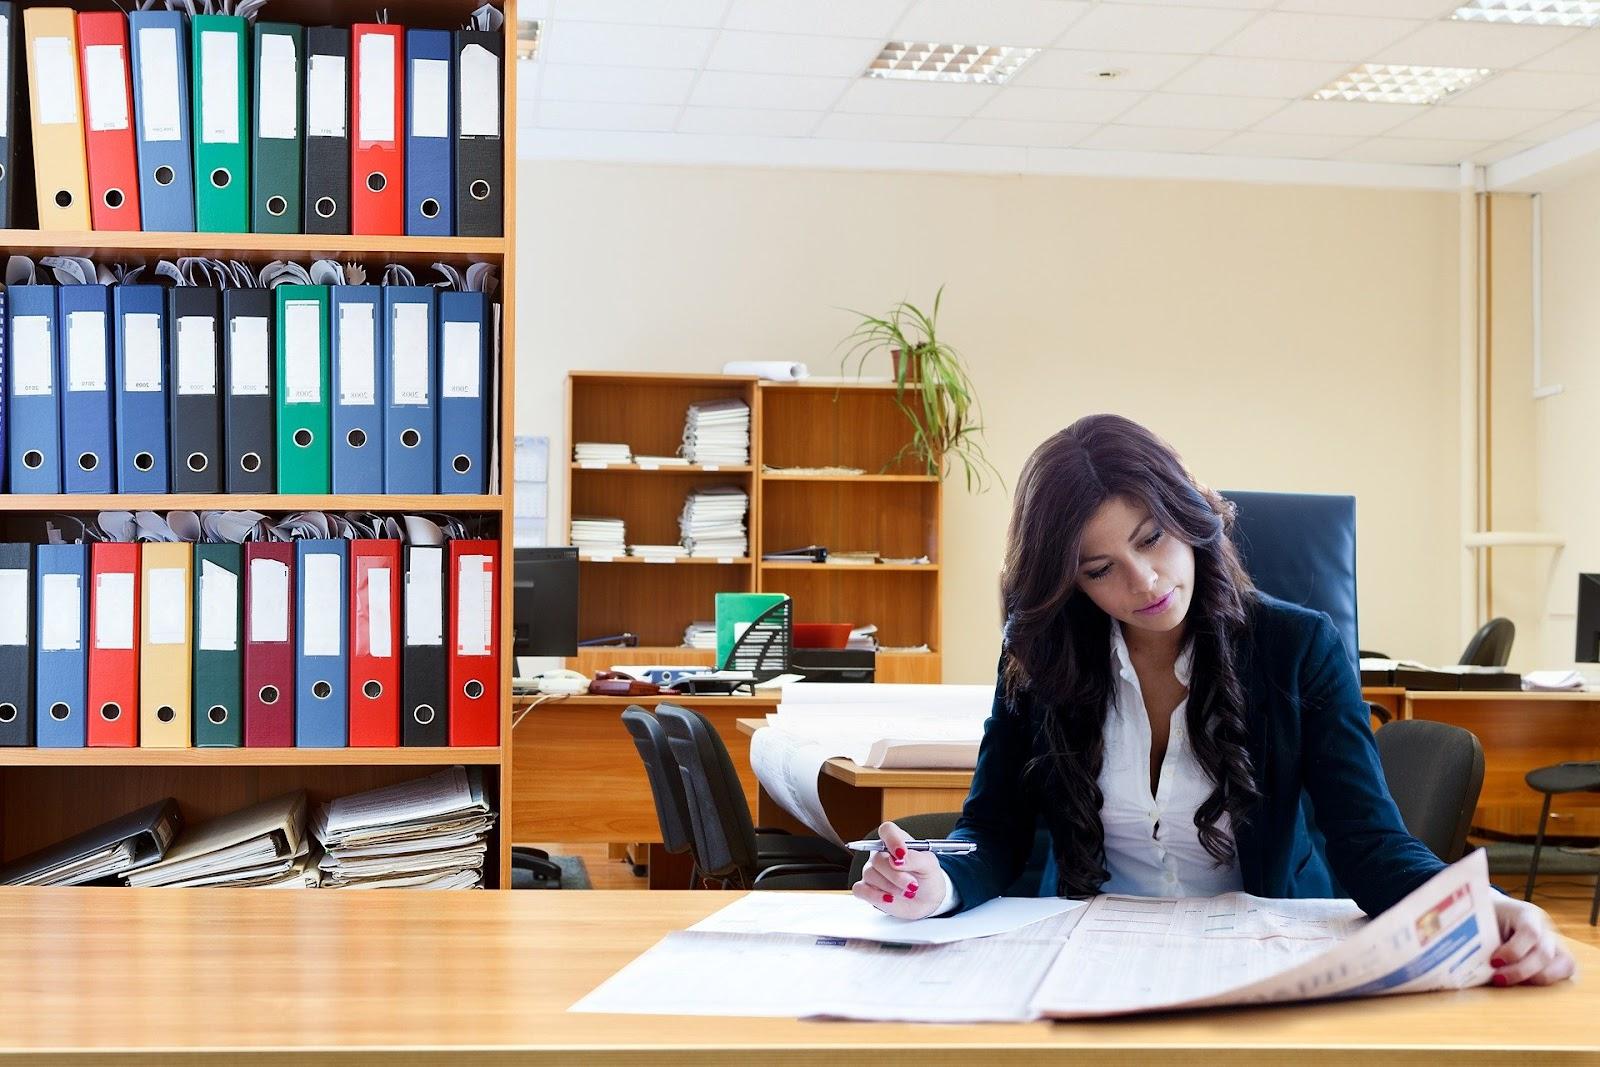 Uma mulher lendo um jornal em um escritório.